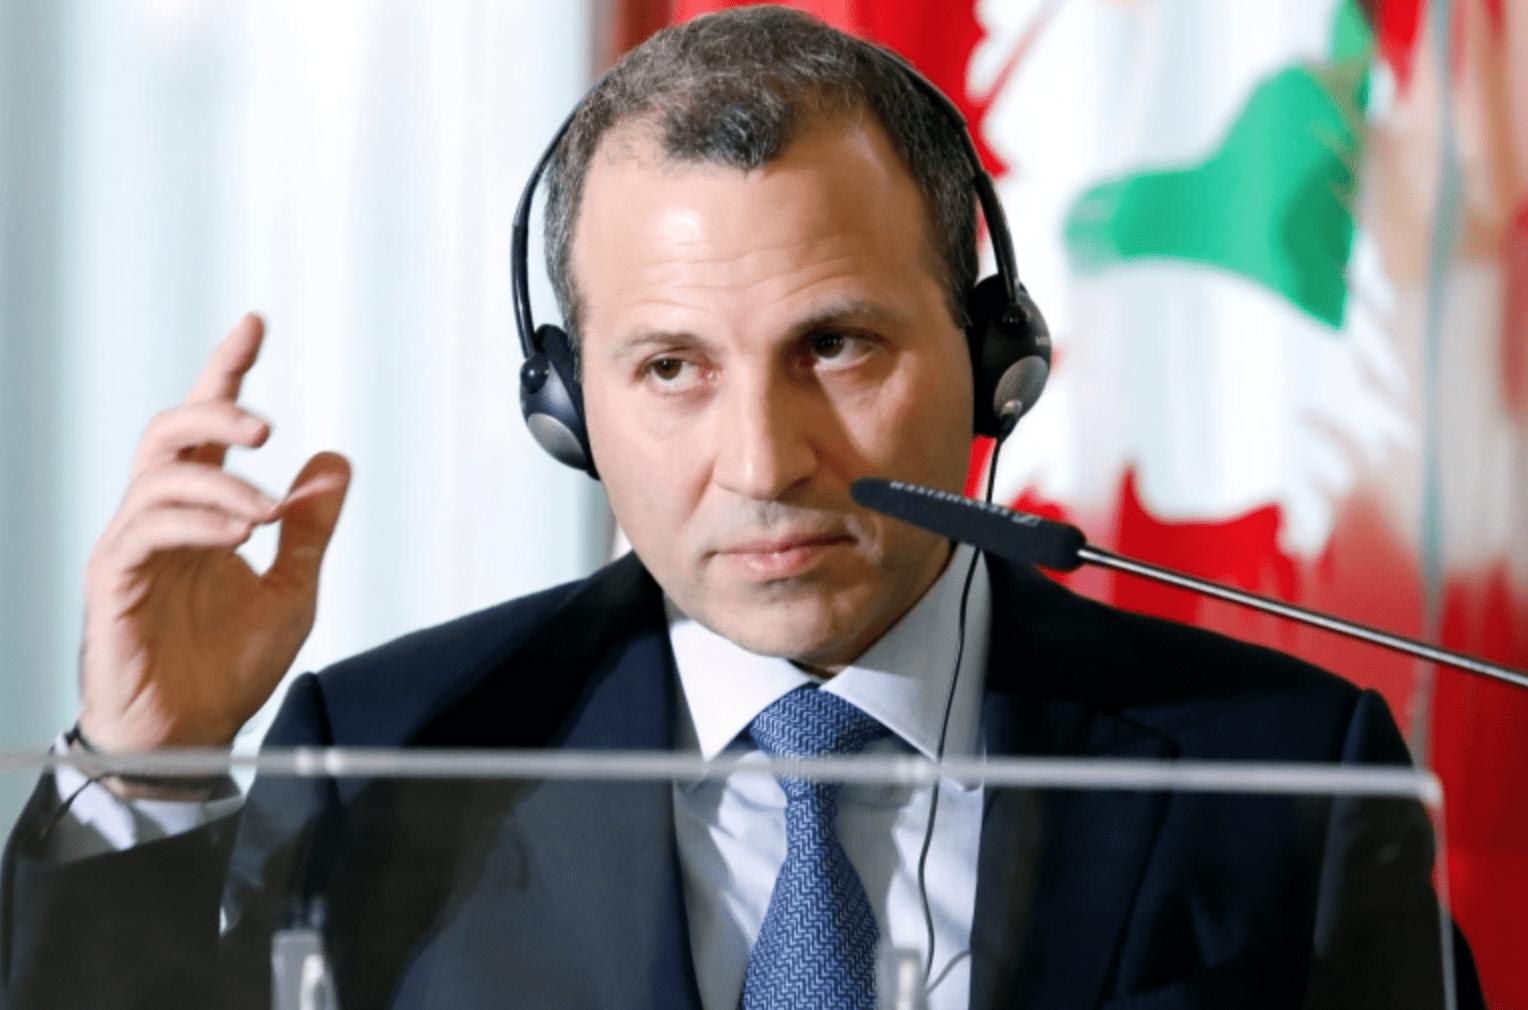 """مسؤولٌ أميركي يؤكّد أن استهداف """"باسيل"""" رسالة لجميع السياسيين اللبنانيين المُتورّطين بملفات فساد"""